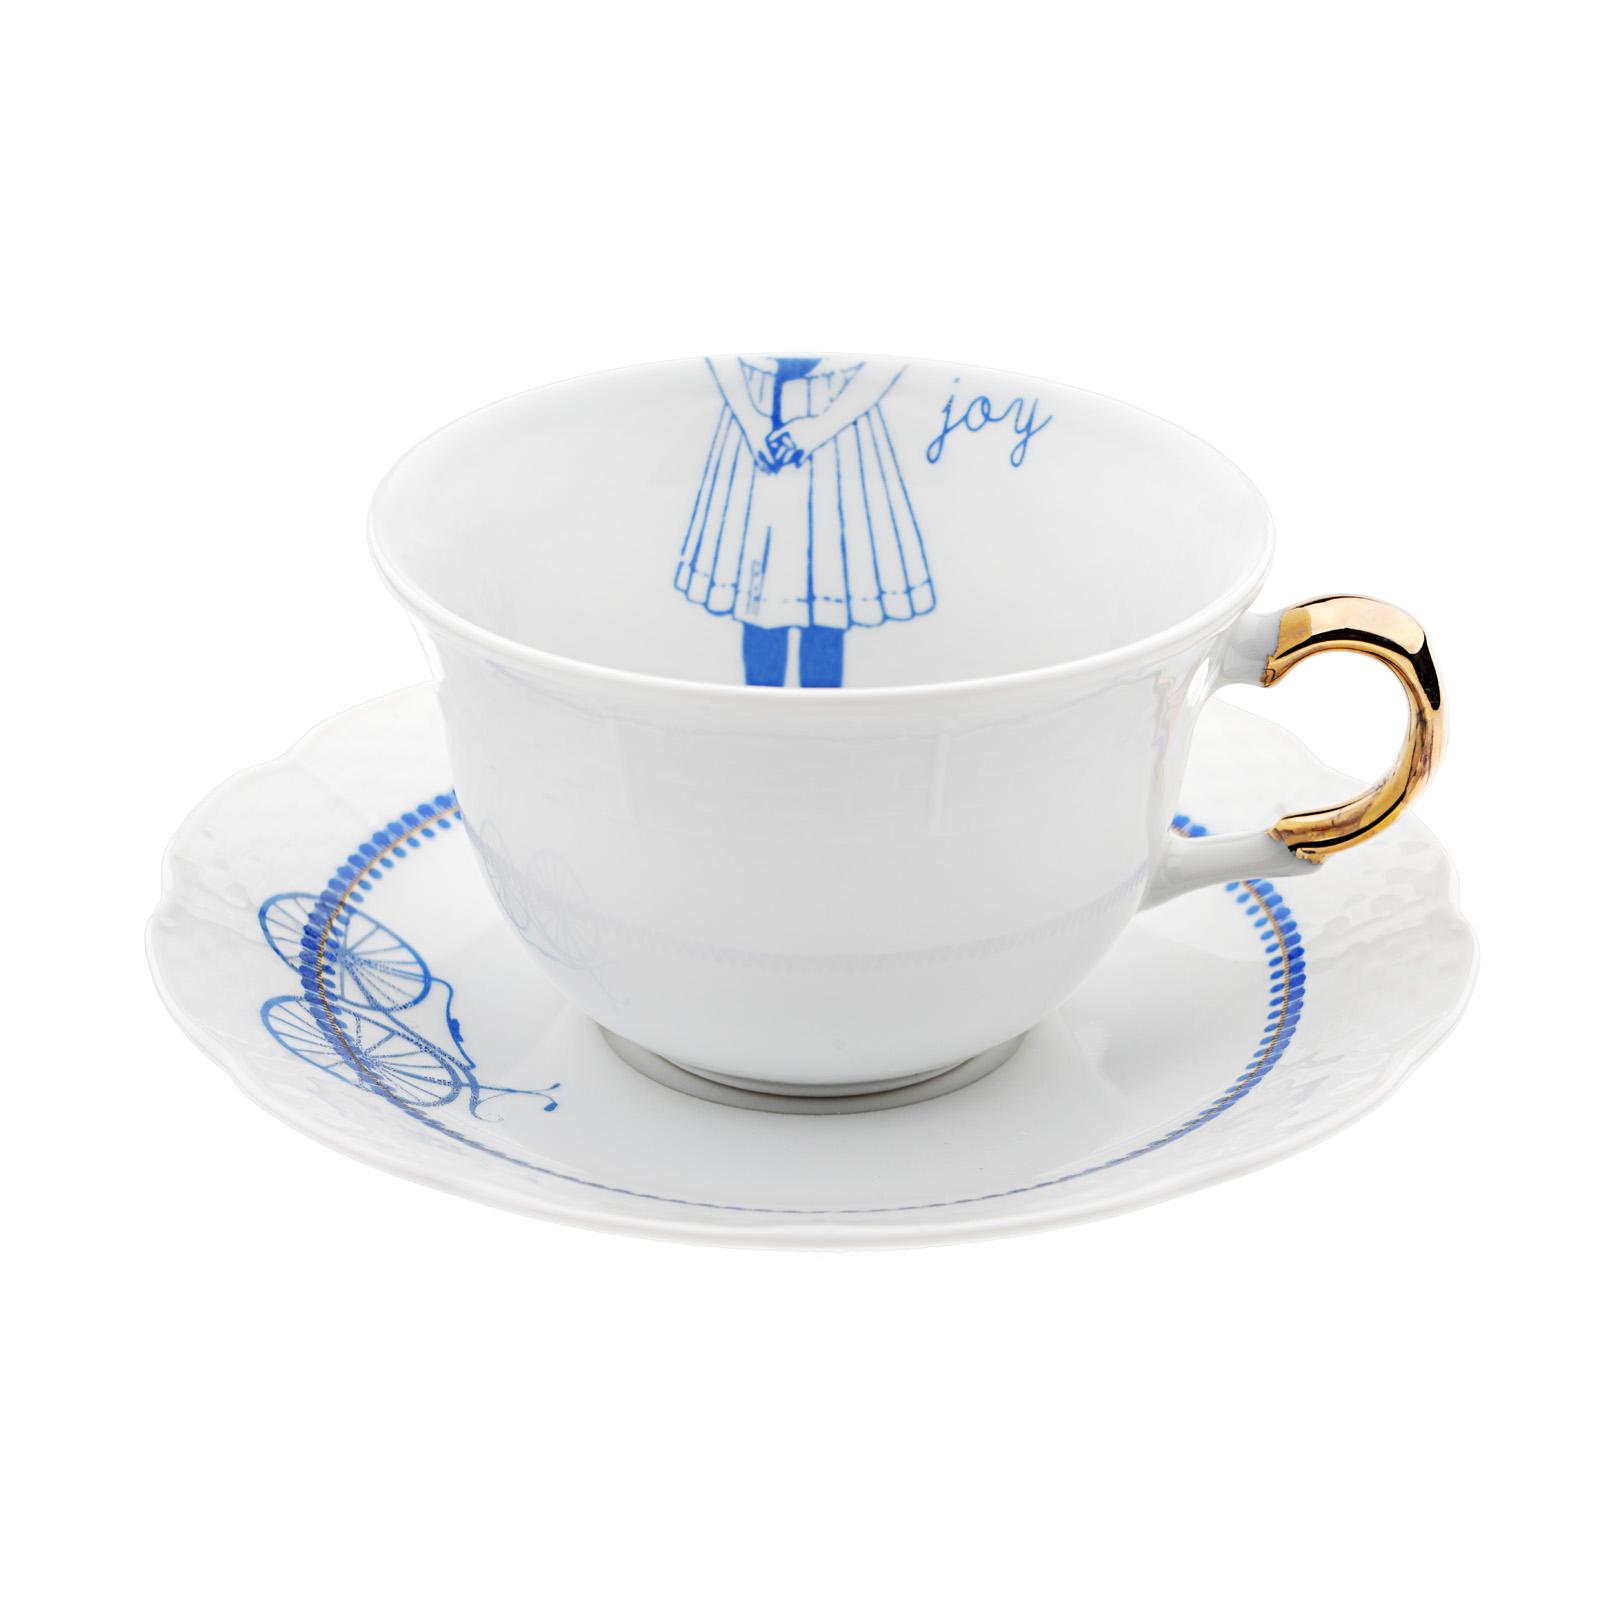 Joy Teacup